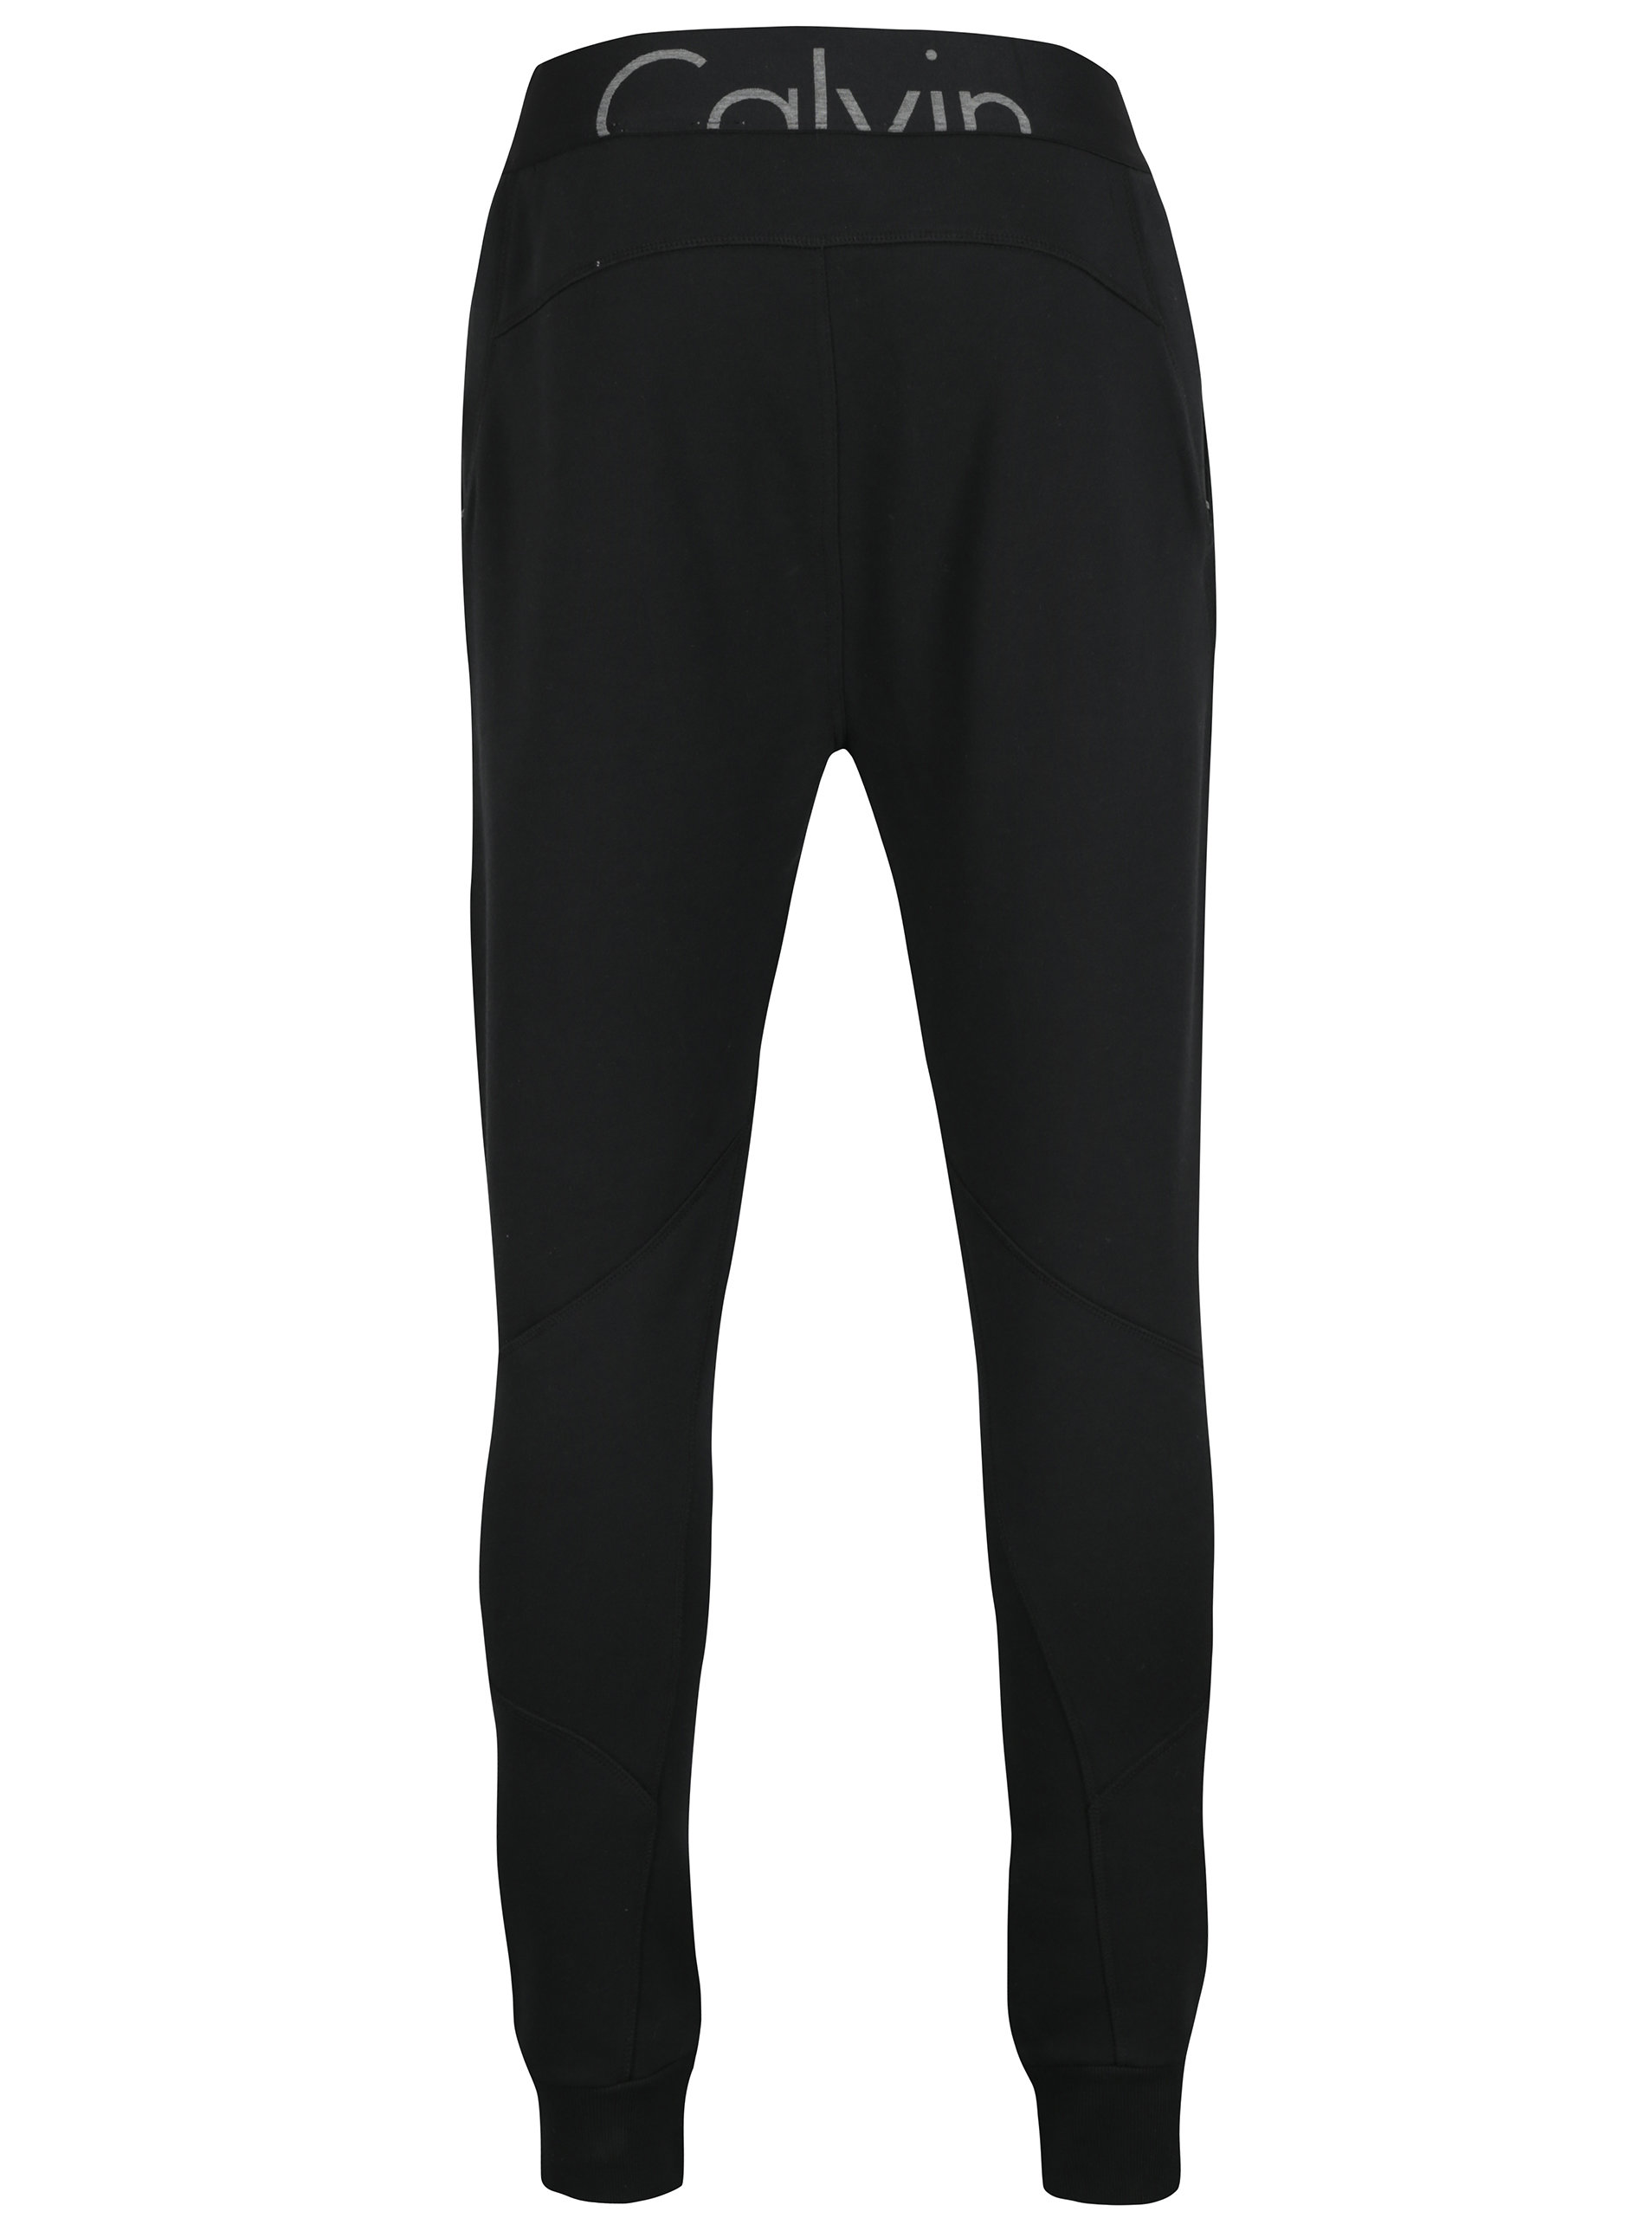 Černé pánské tepláky s kapsami na zip Calvin Klein Jeans Hiro ... 13056615fd